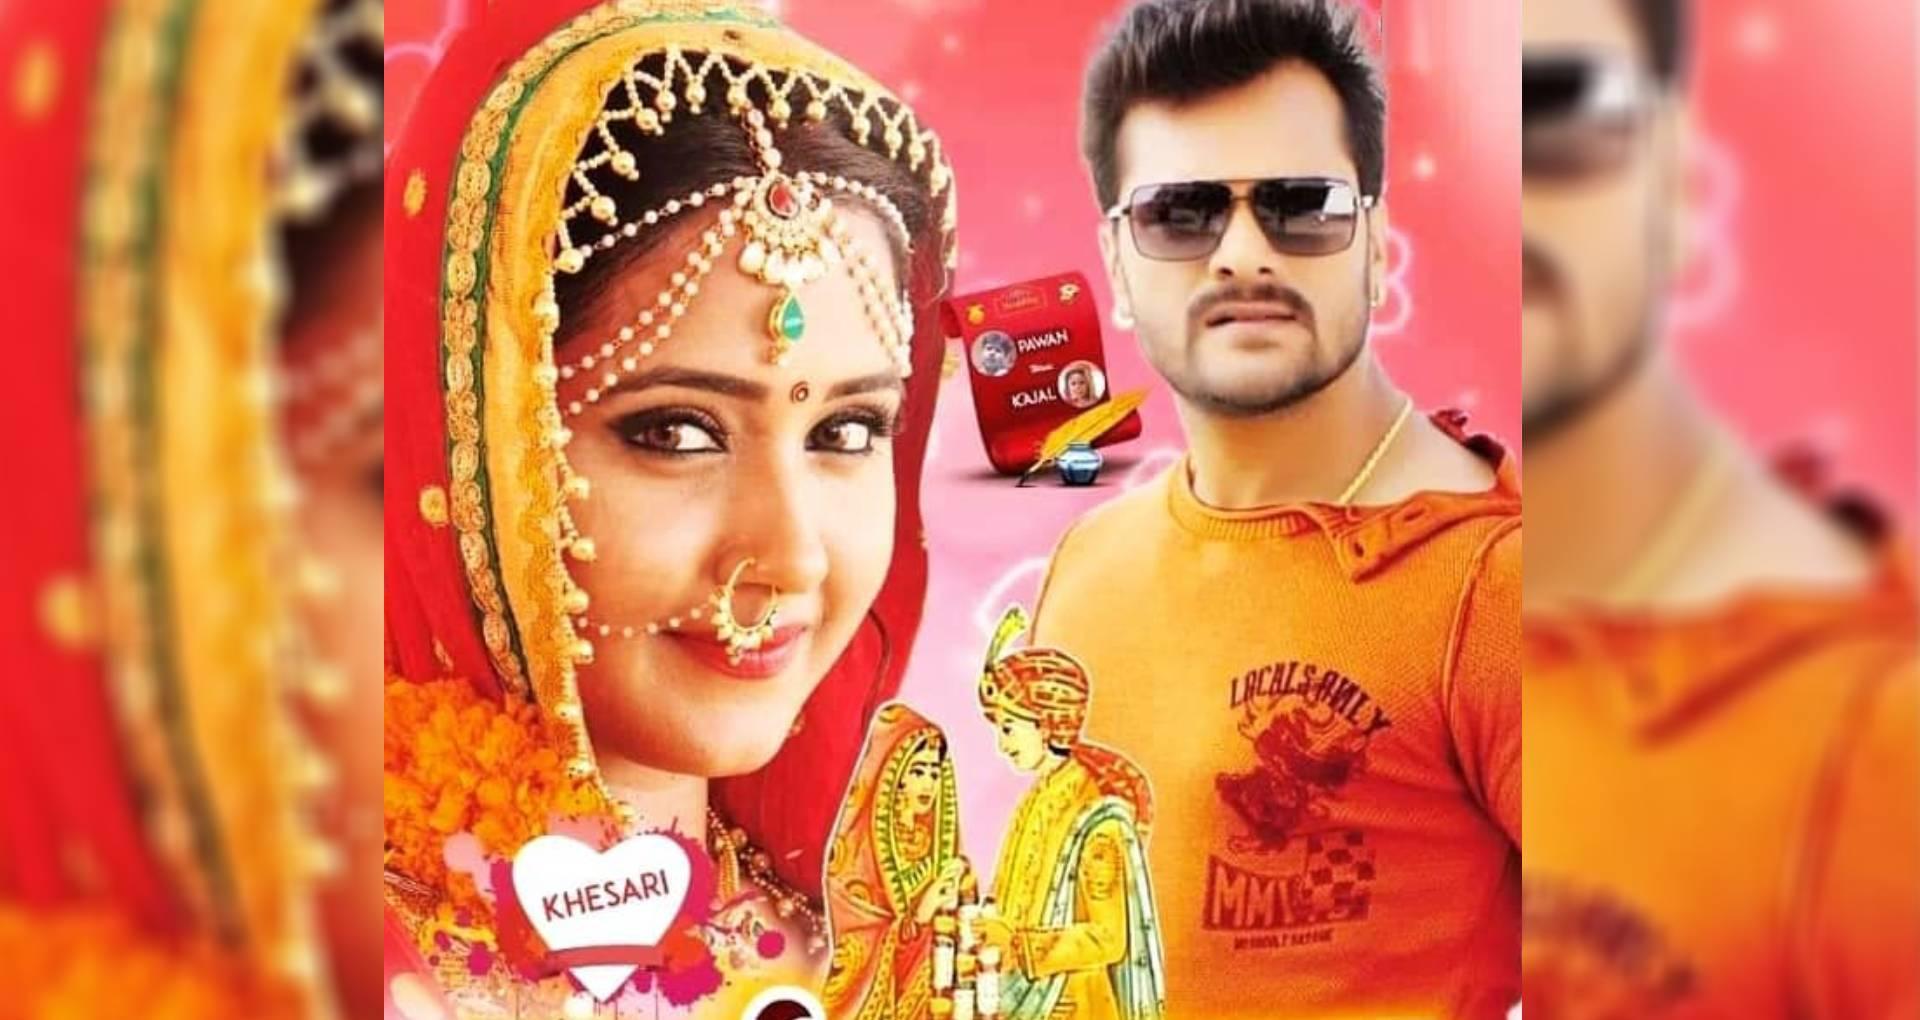 Card Pa Bhatar Heart Pa Iyaar Song: खेसारी लाल यादव का सॉन्ग याद दिलाएगा गर्लफ्रेंड की शादी, देखिए ये गाना